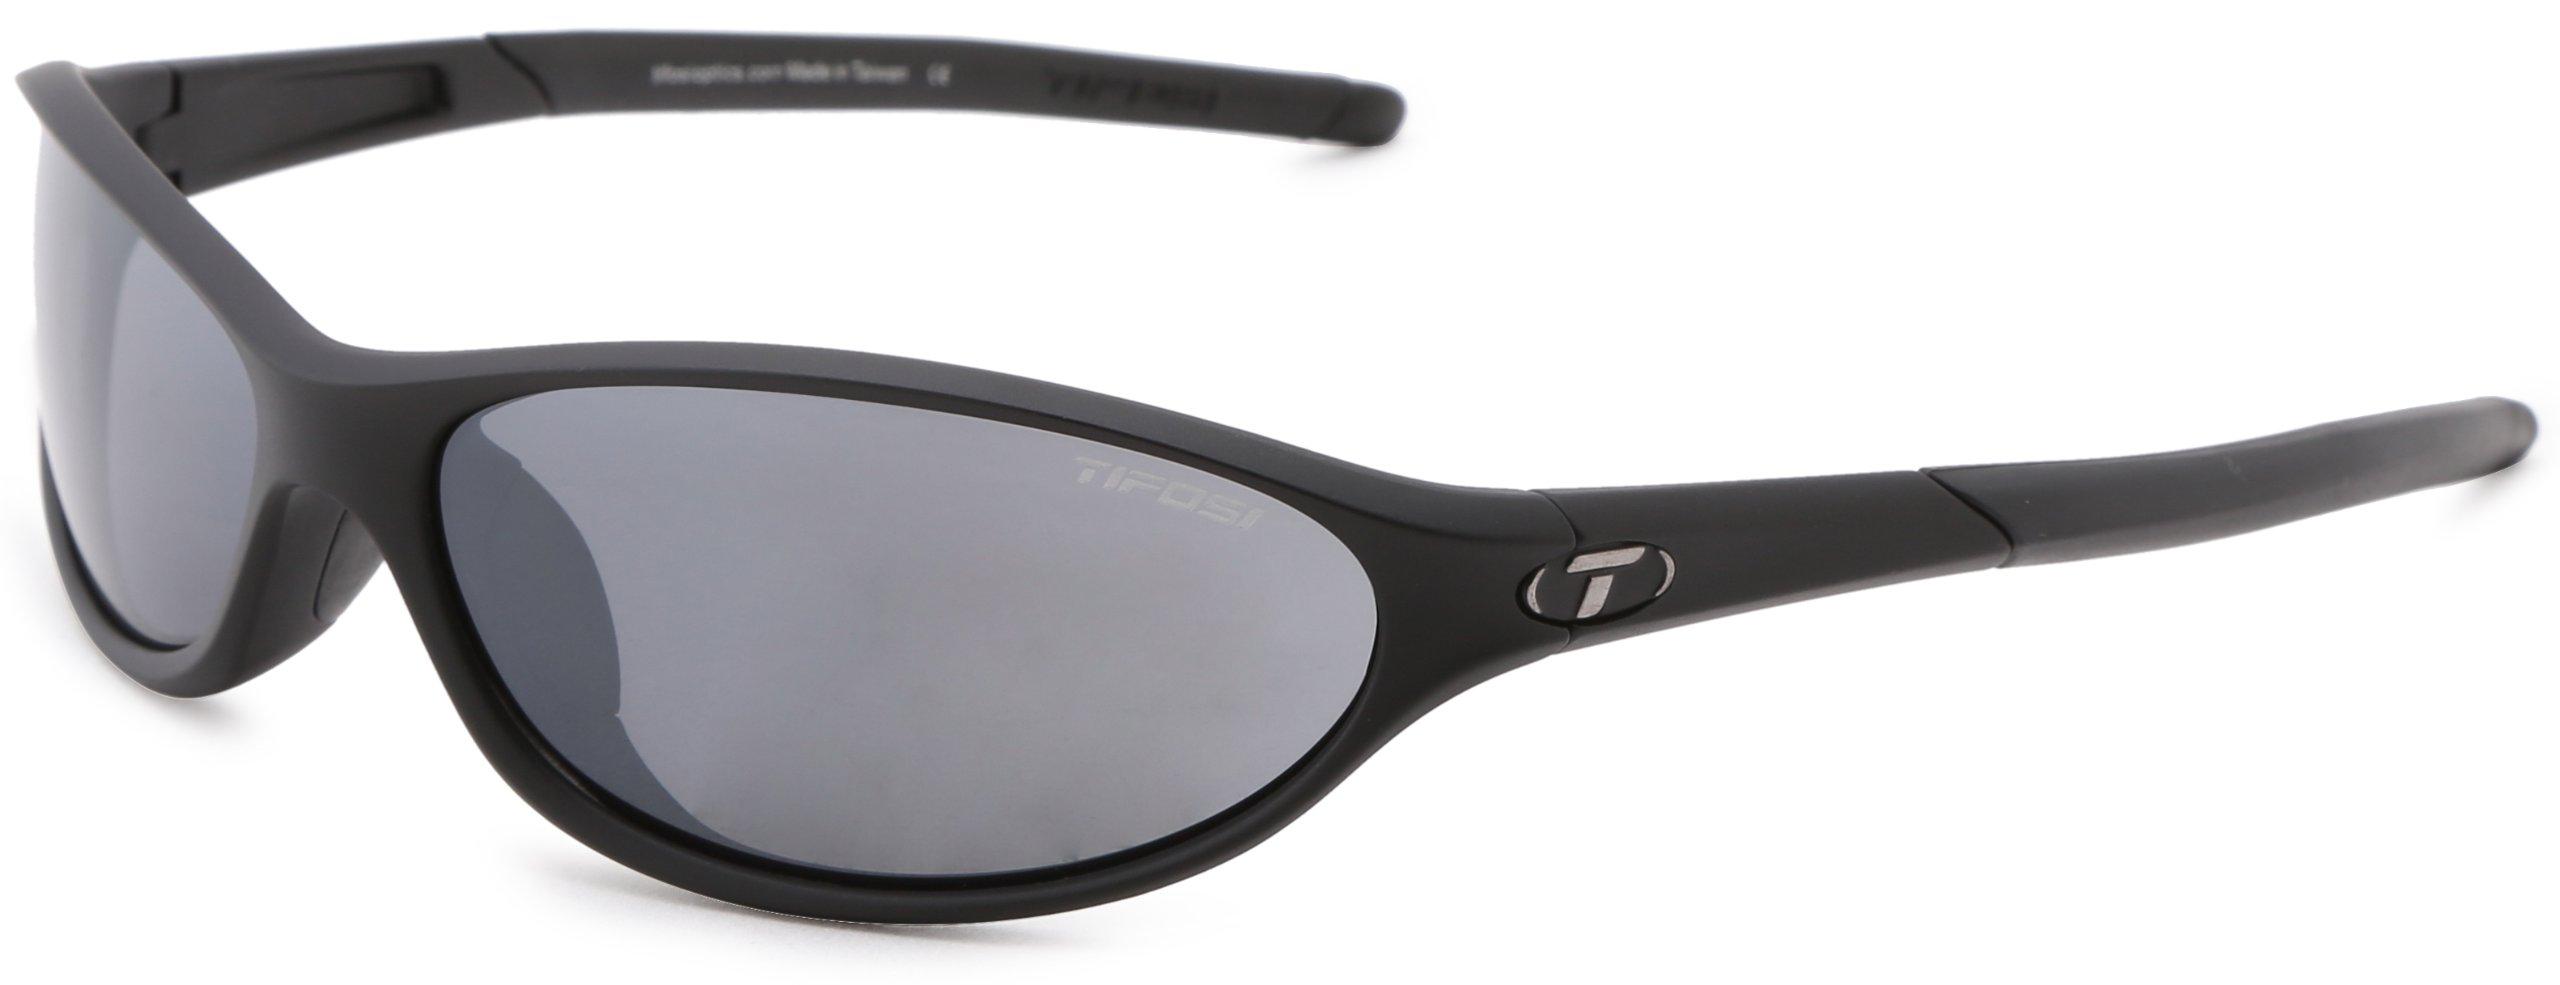 Tifosi Alpe 2.0 Dual Lens Sunglasses,Matte Black,62 mm